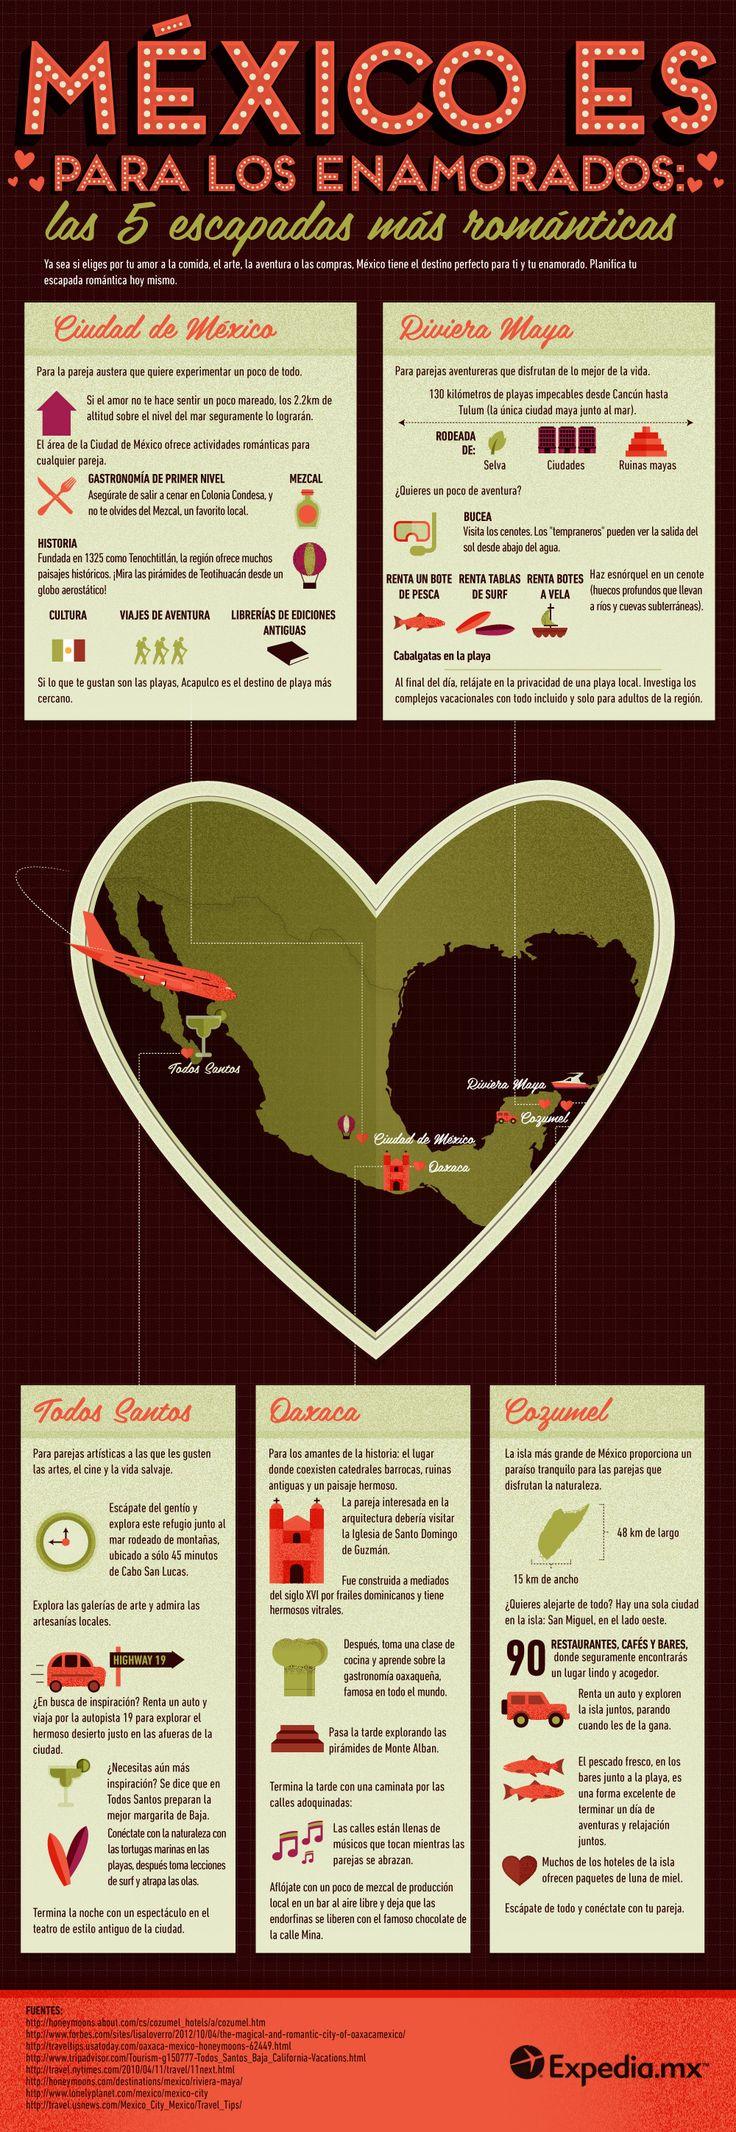 5 escapadas románticas en México #infografia #infographic #tourism